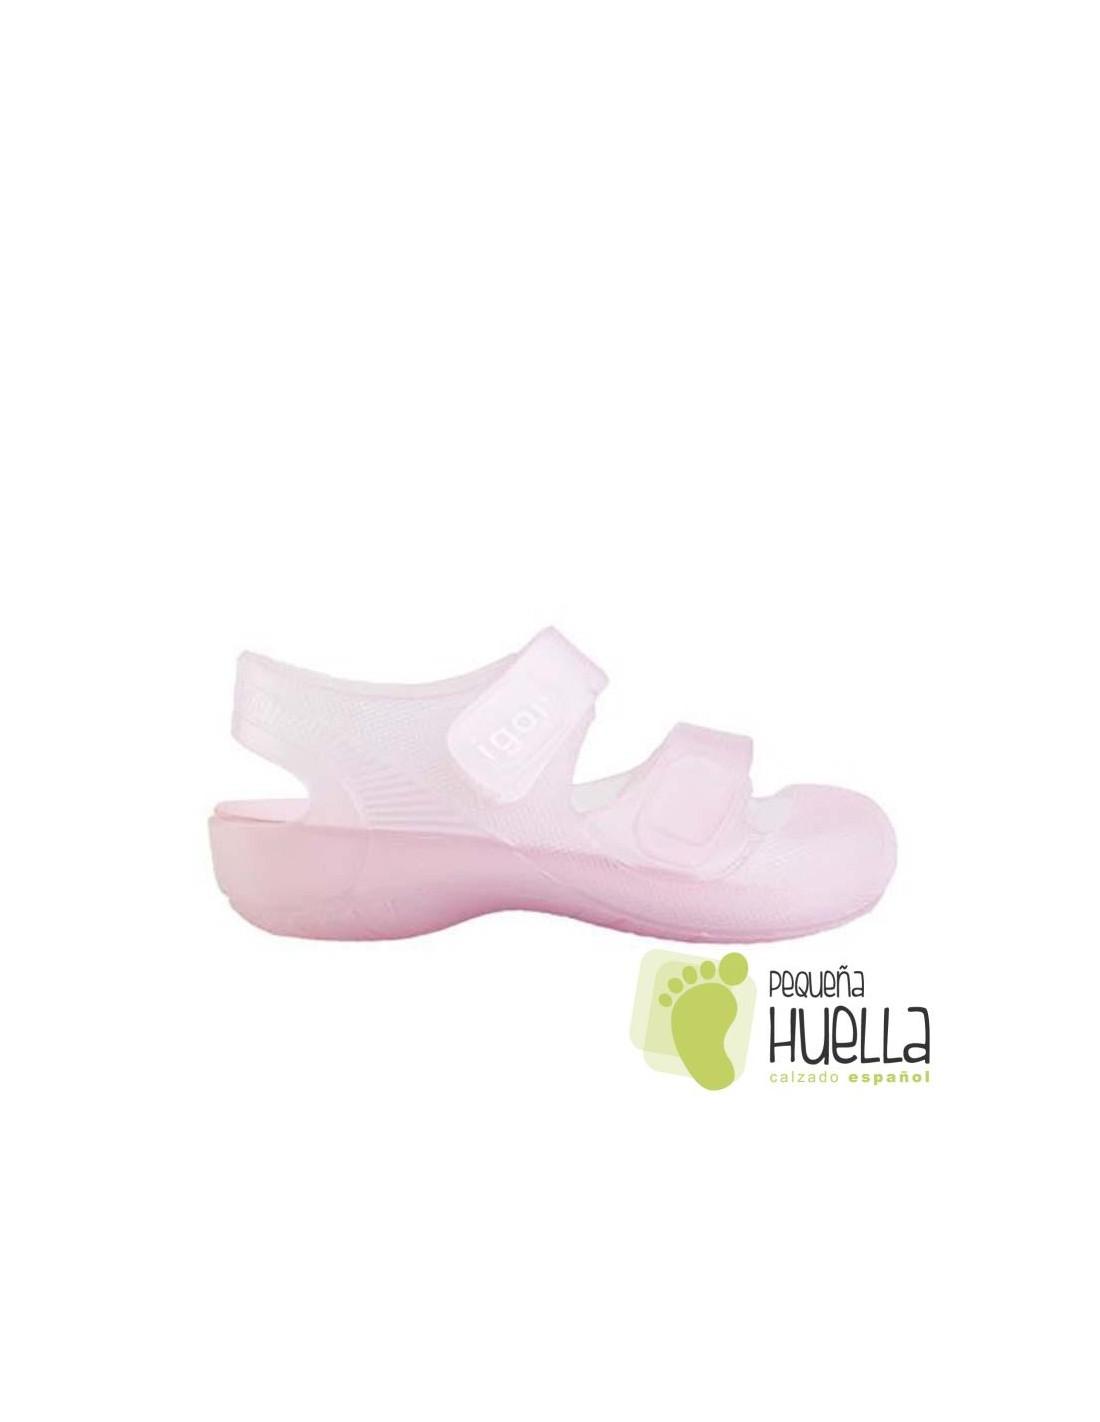 28be0d9e0ac Comprar sandalias de goma para niños y niñas de playa y piscina IGOR